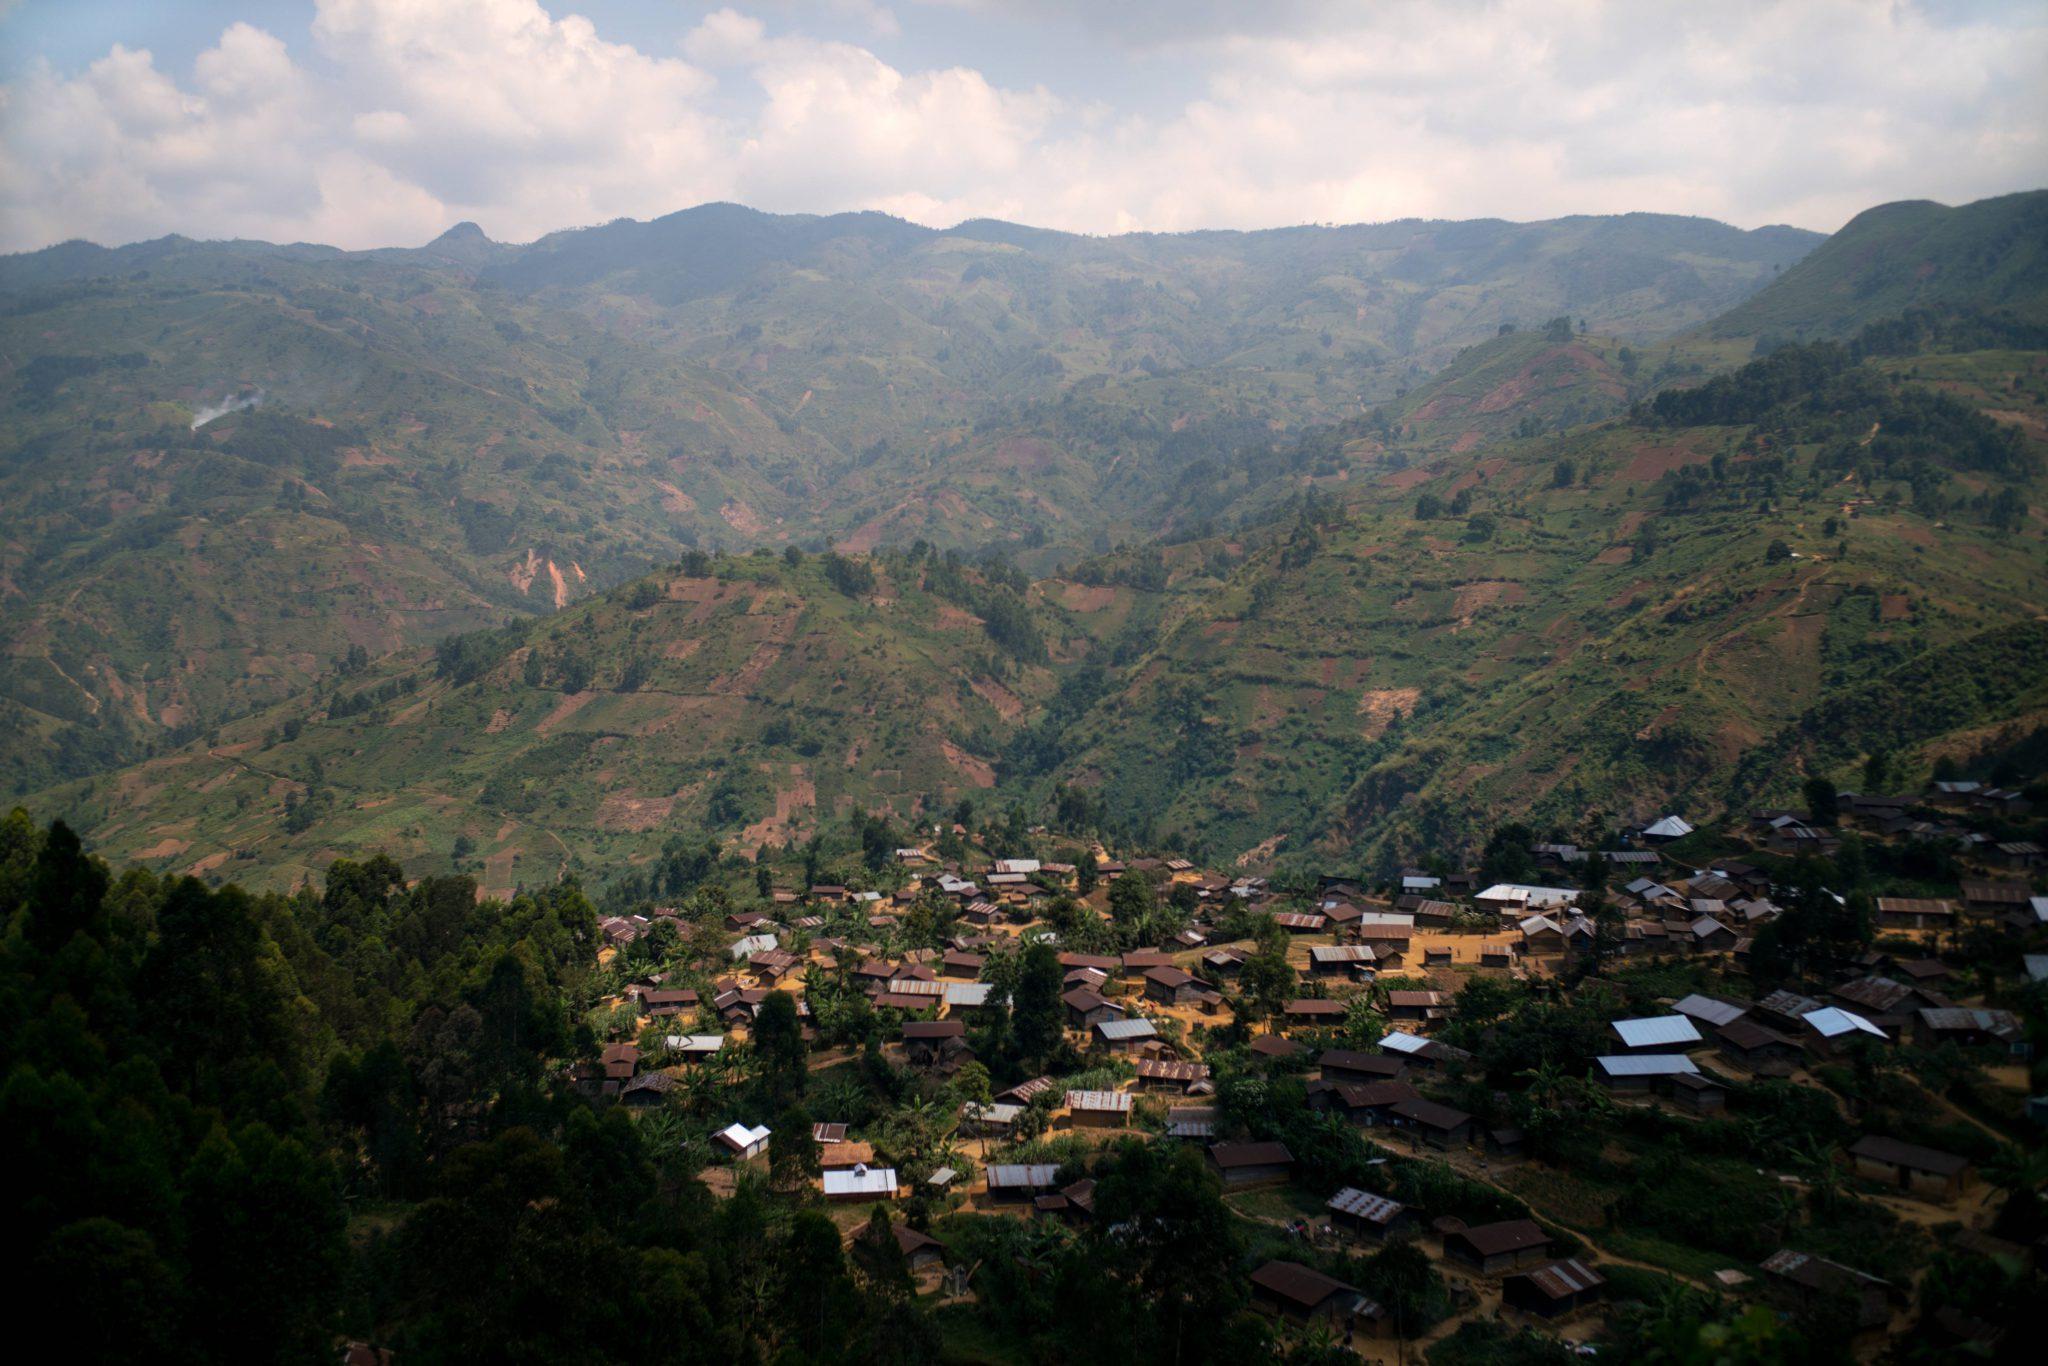 Cà phê và những khó khăn của cộng hòa dân chủ Congo